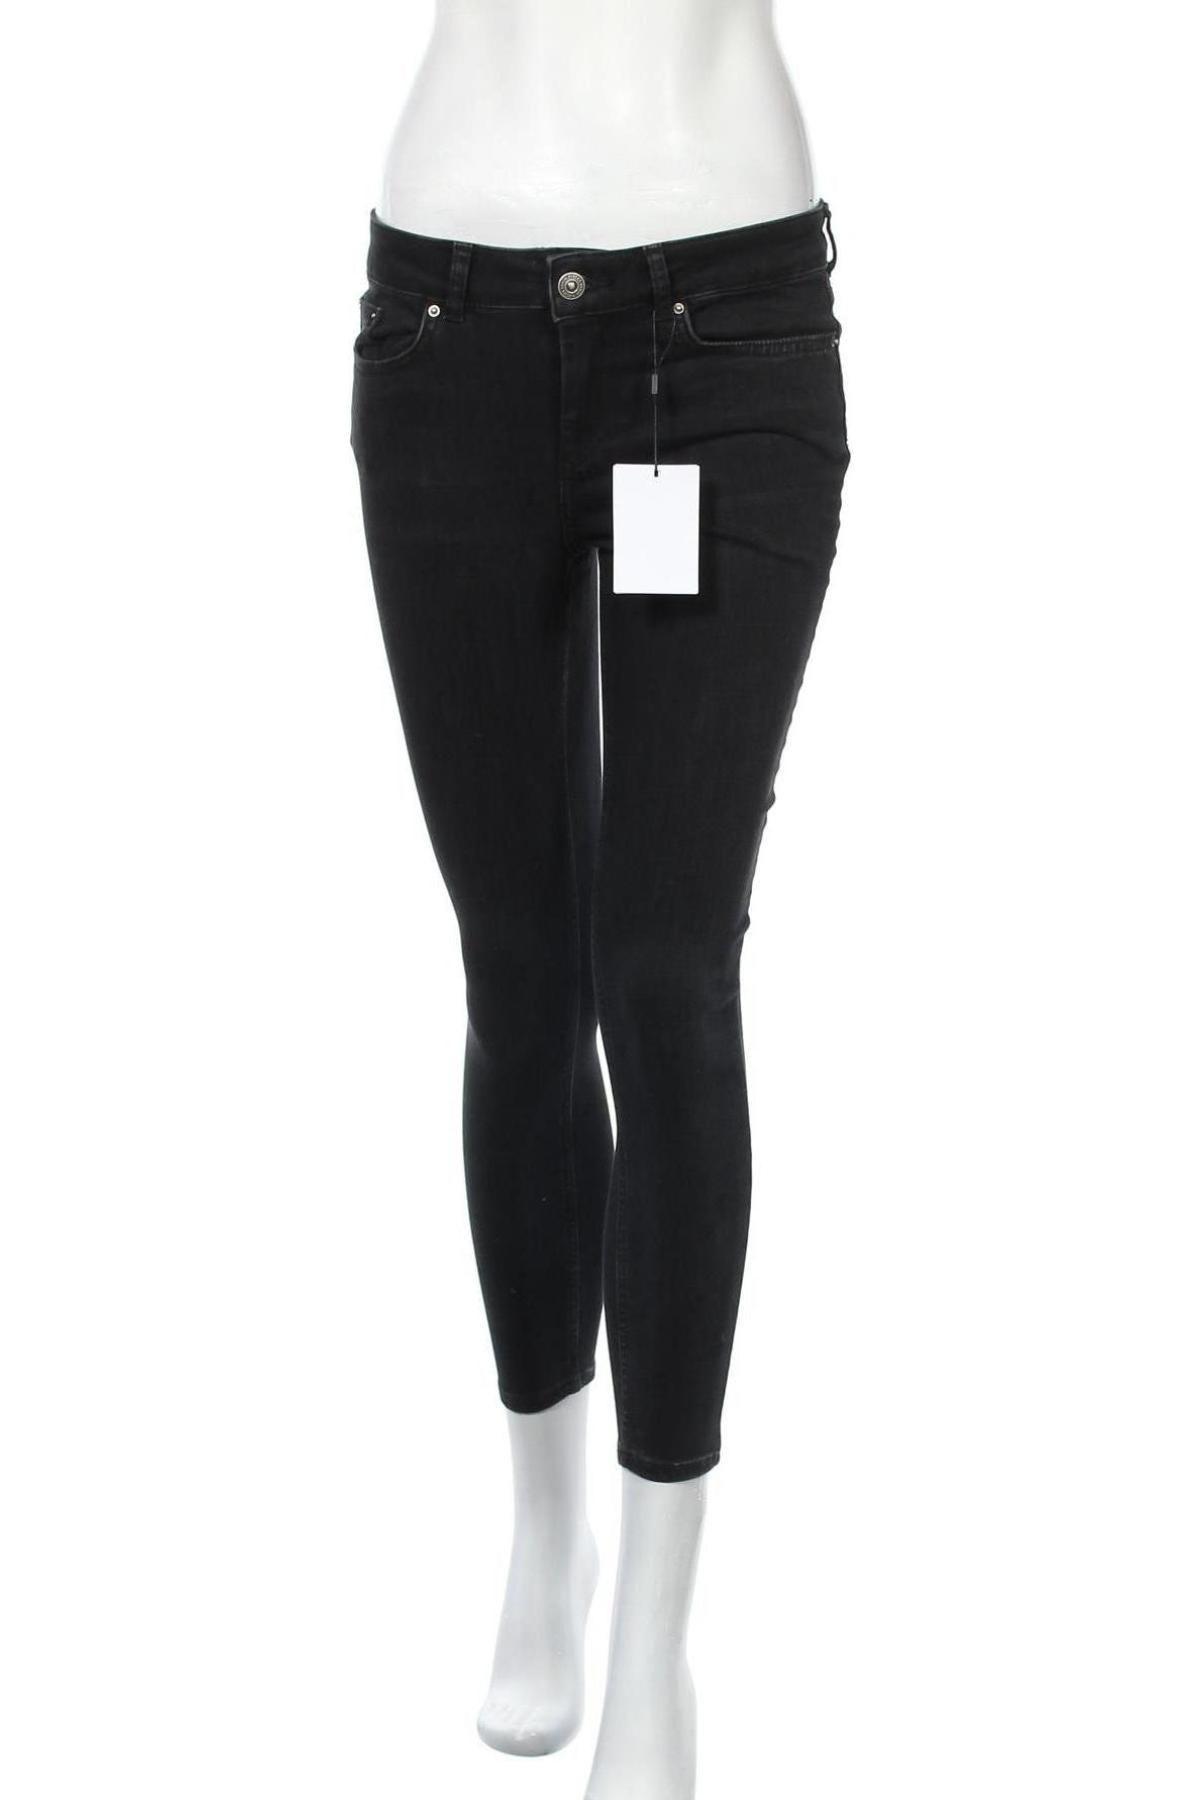 Γυναικείο Τζίν Pieces, Μέγεθος S, Χρώμα Μαύρο, 89% βαμβάκι, 9% πολυεστέρας, 2% ελαστάνη, Τιμή 22,81€